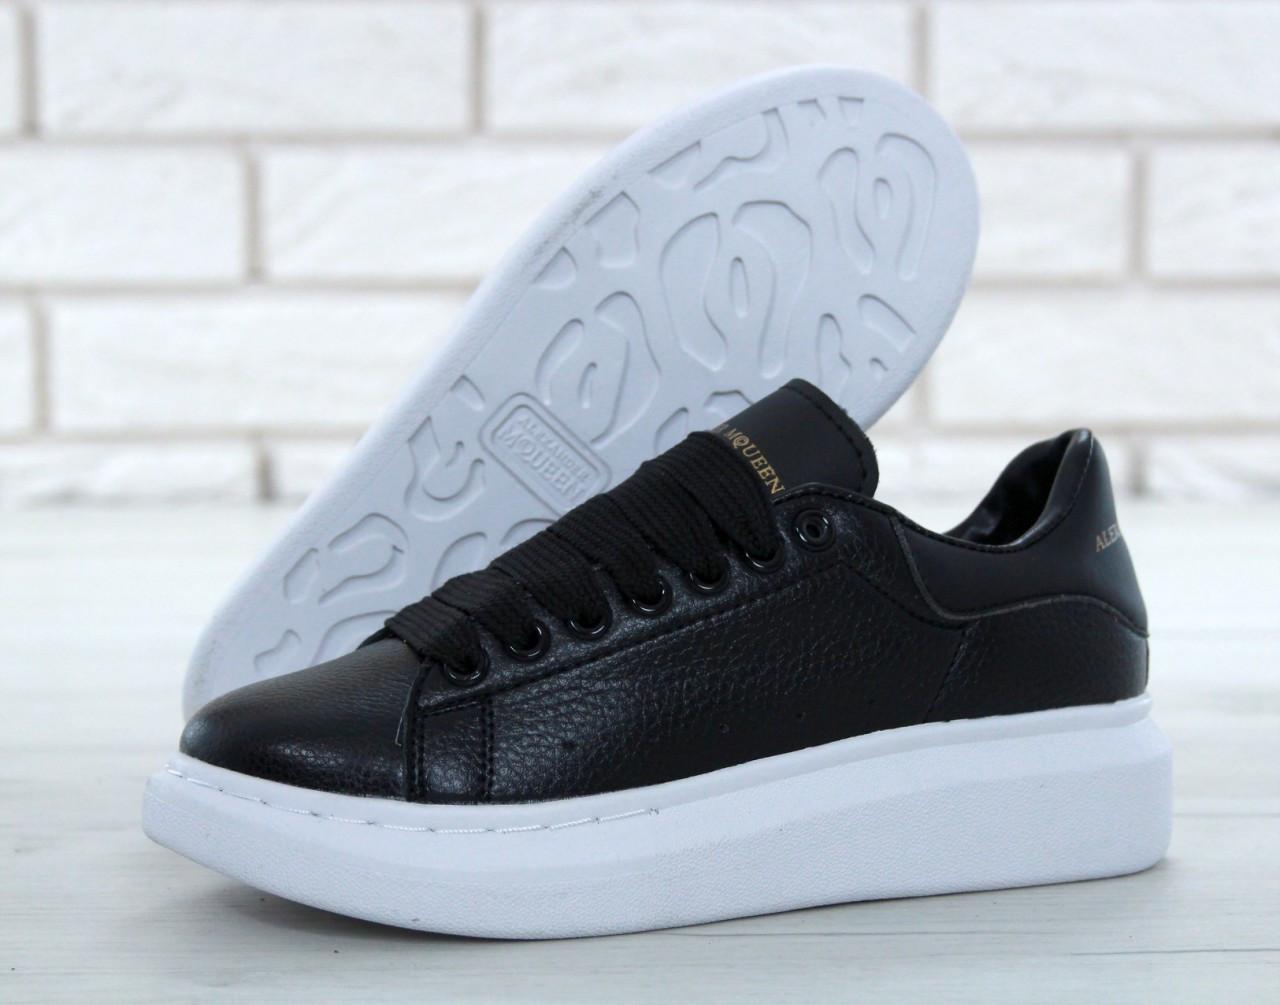 5bba60ab Женские демисезонные кроссовки Alexander McQueen Oversized Sneakers топ  реплика - Интернет-магазин обуви и одежды